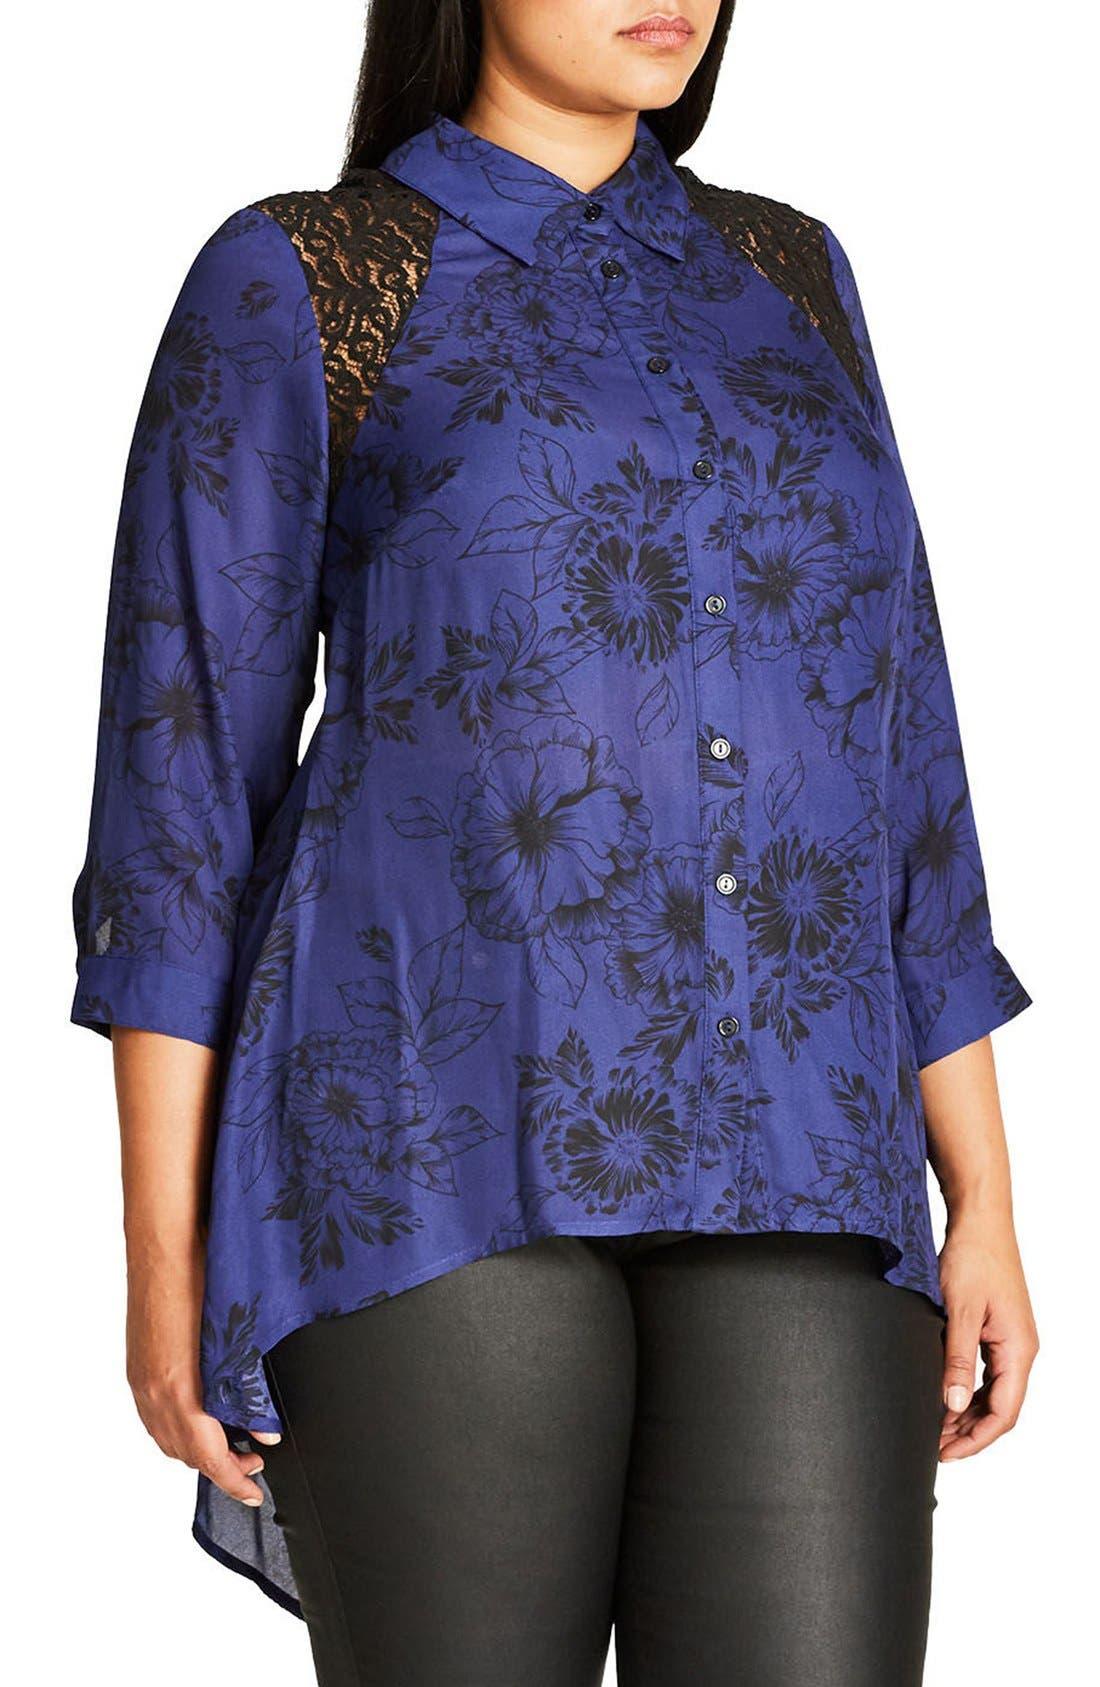 Alternate Image 3  - City Chic Des Fleurs Back Keyhole Shirt (Plus Size)